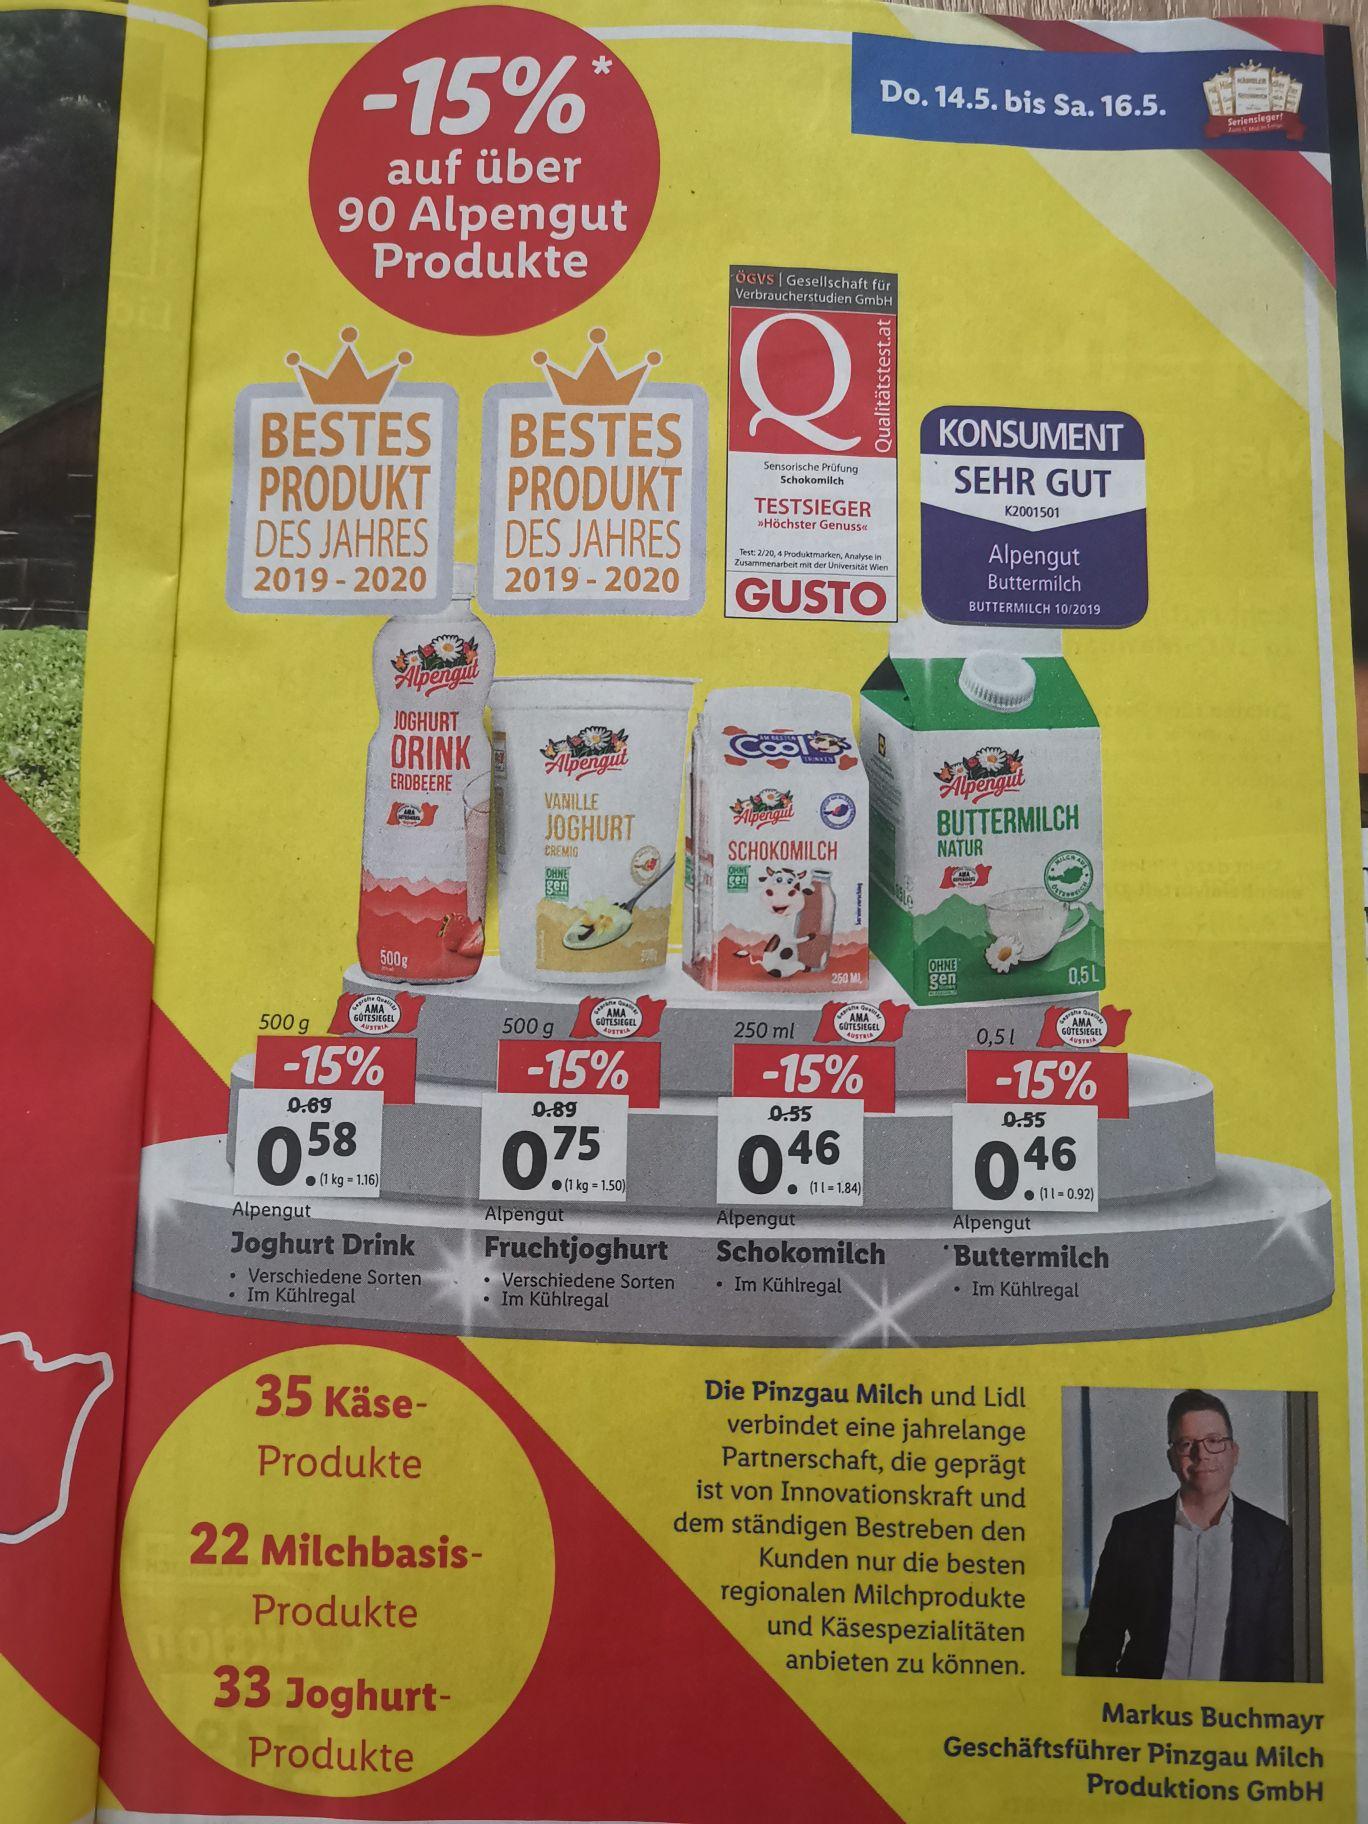 [Lidl] 90 Alpengut Produkte - 15%